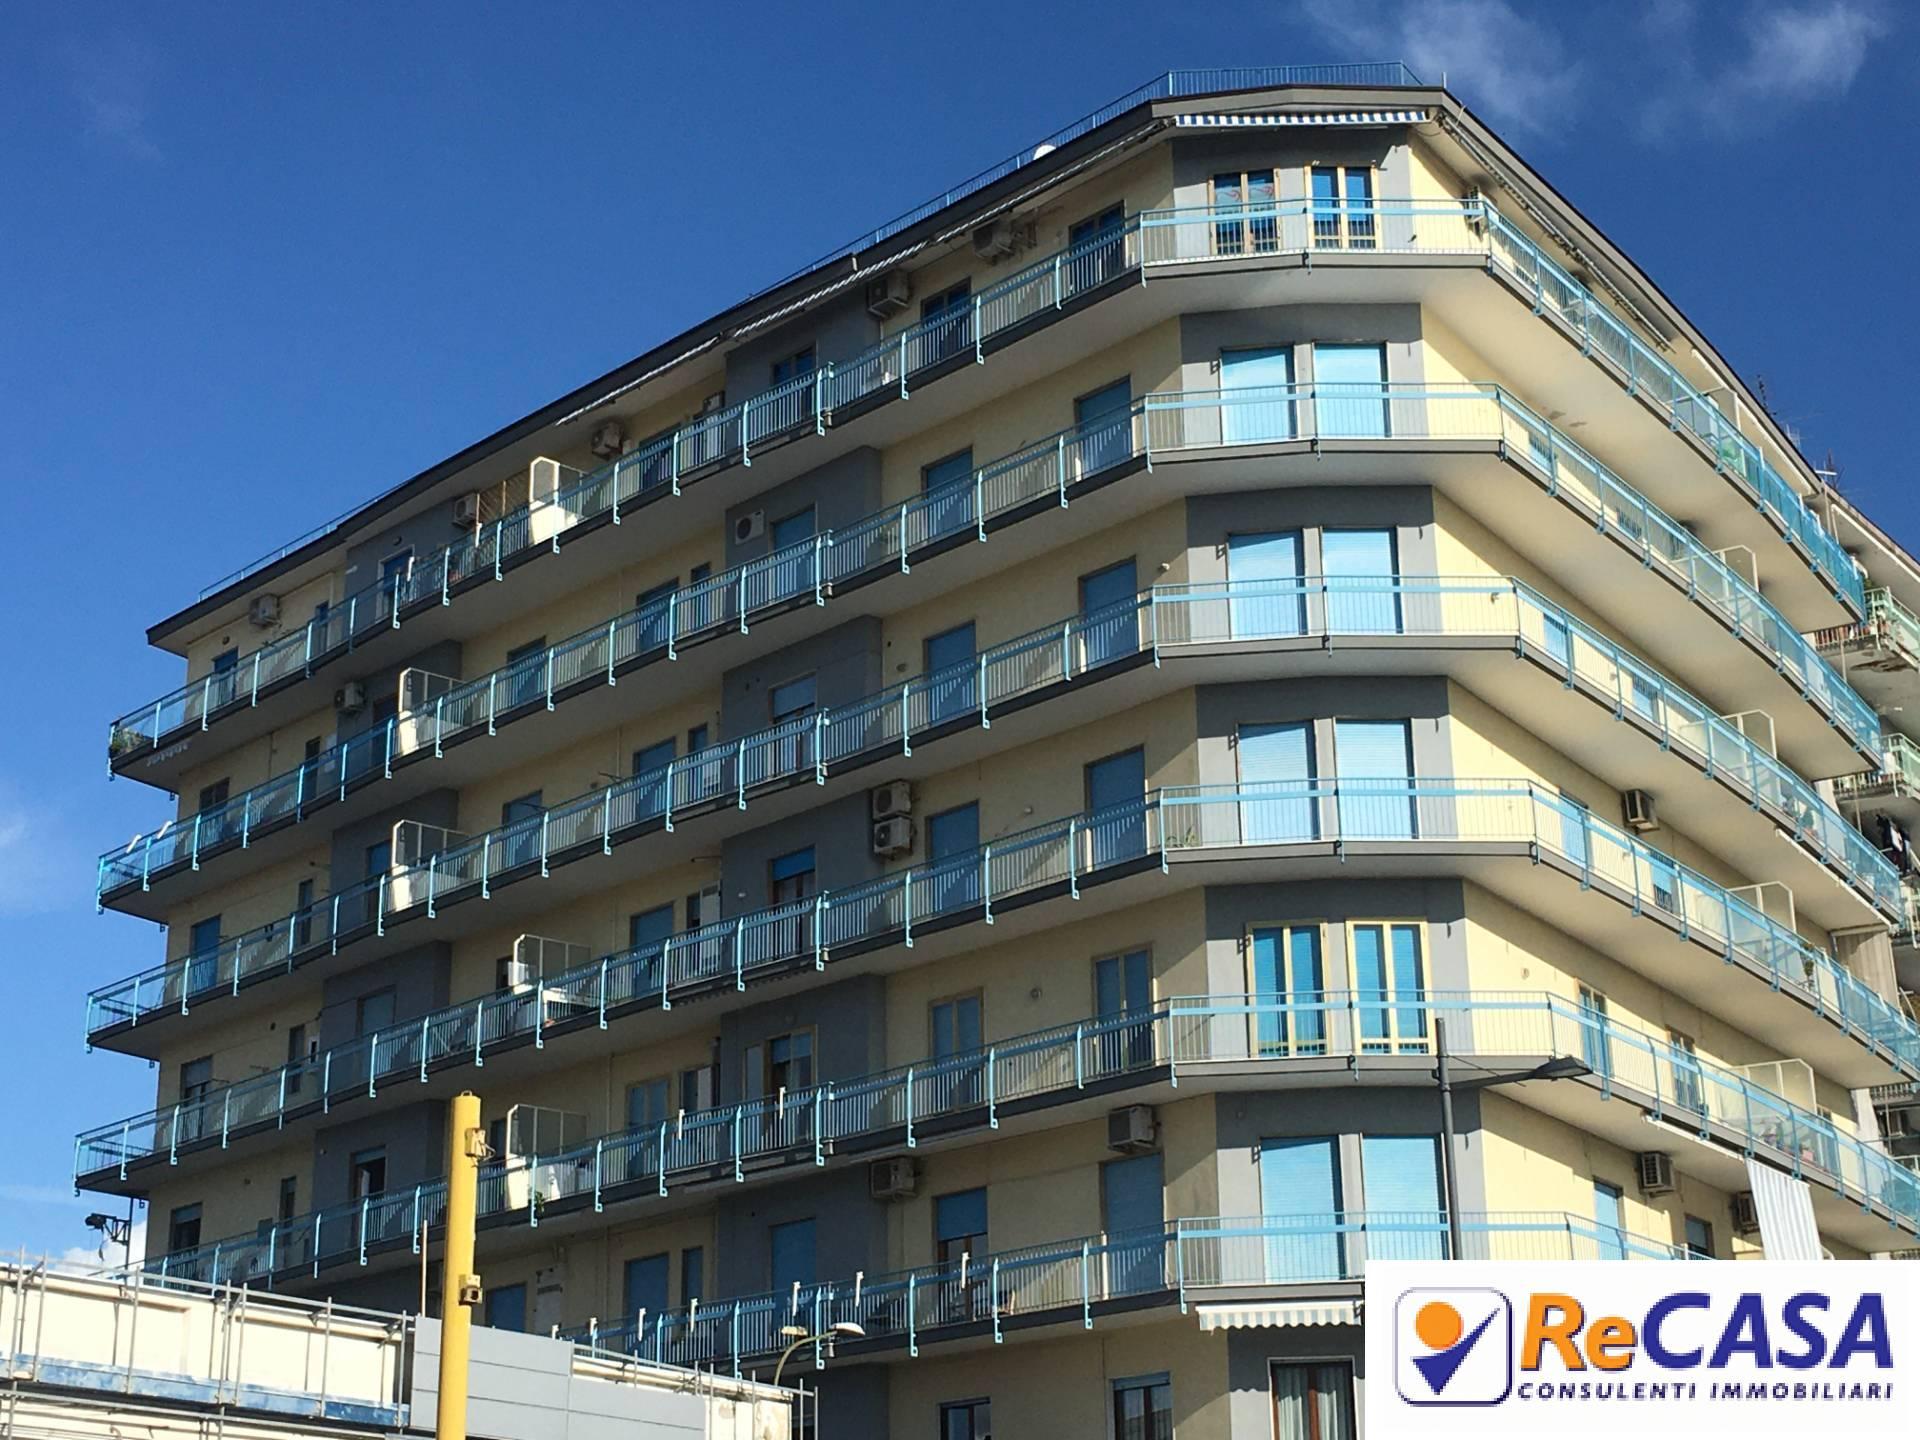 Appartamento in vendita a Bellizzi, 3 locali, zona Località: Centro, prezzo € 89.000 | CambioCasa.it